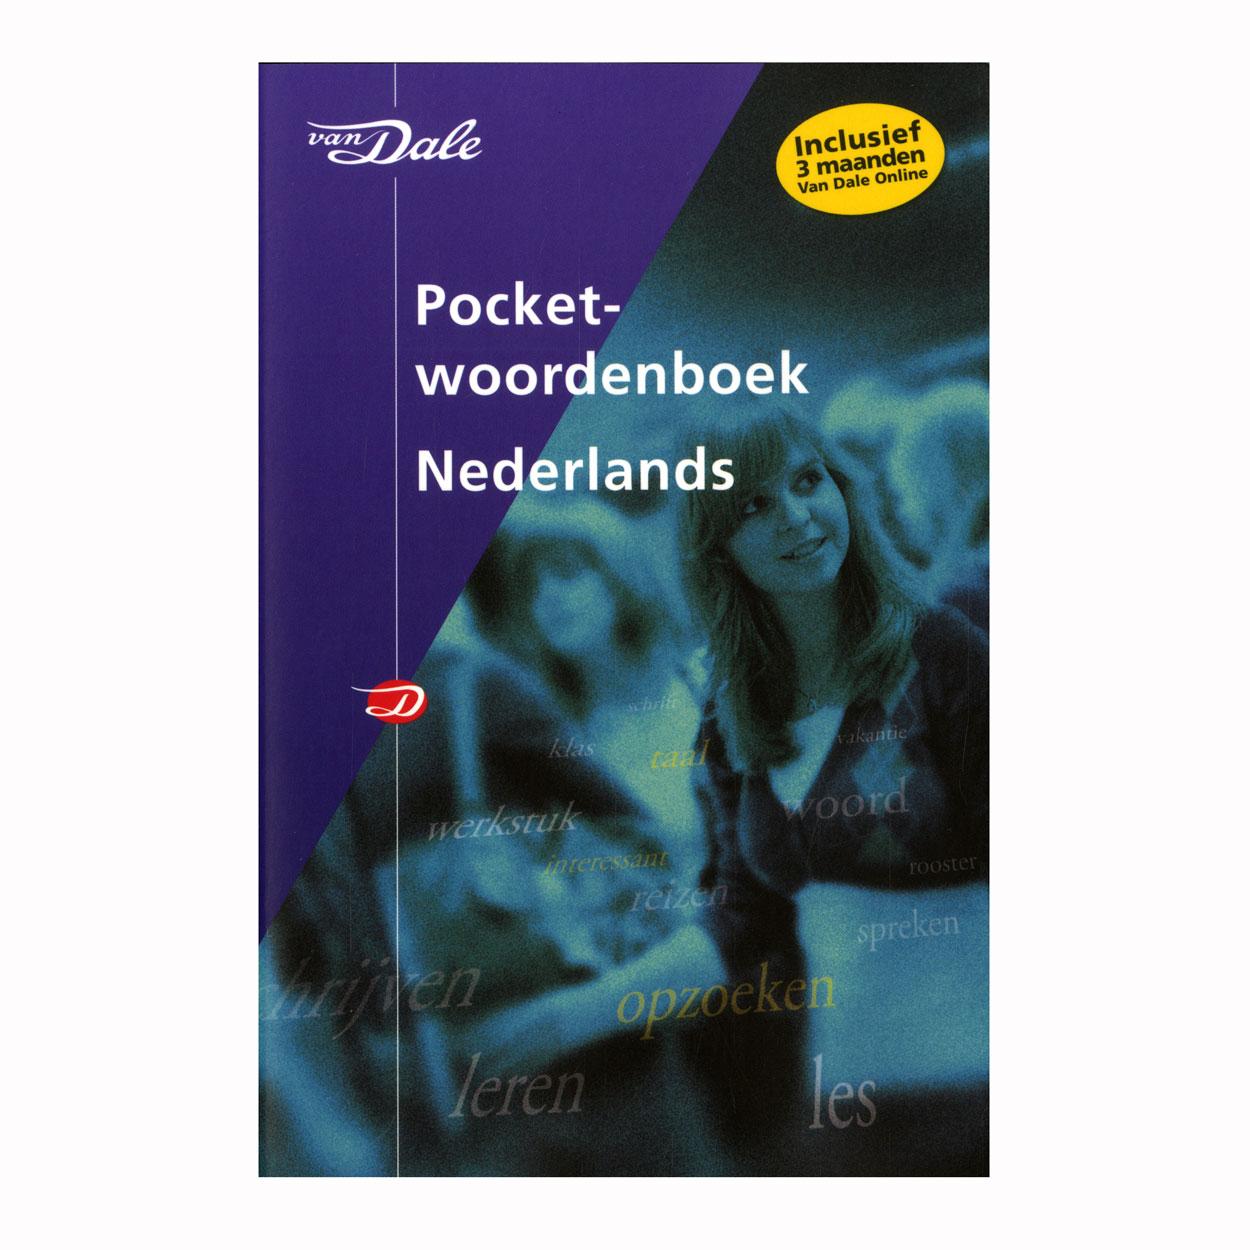 Netherlands online dating